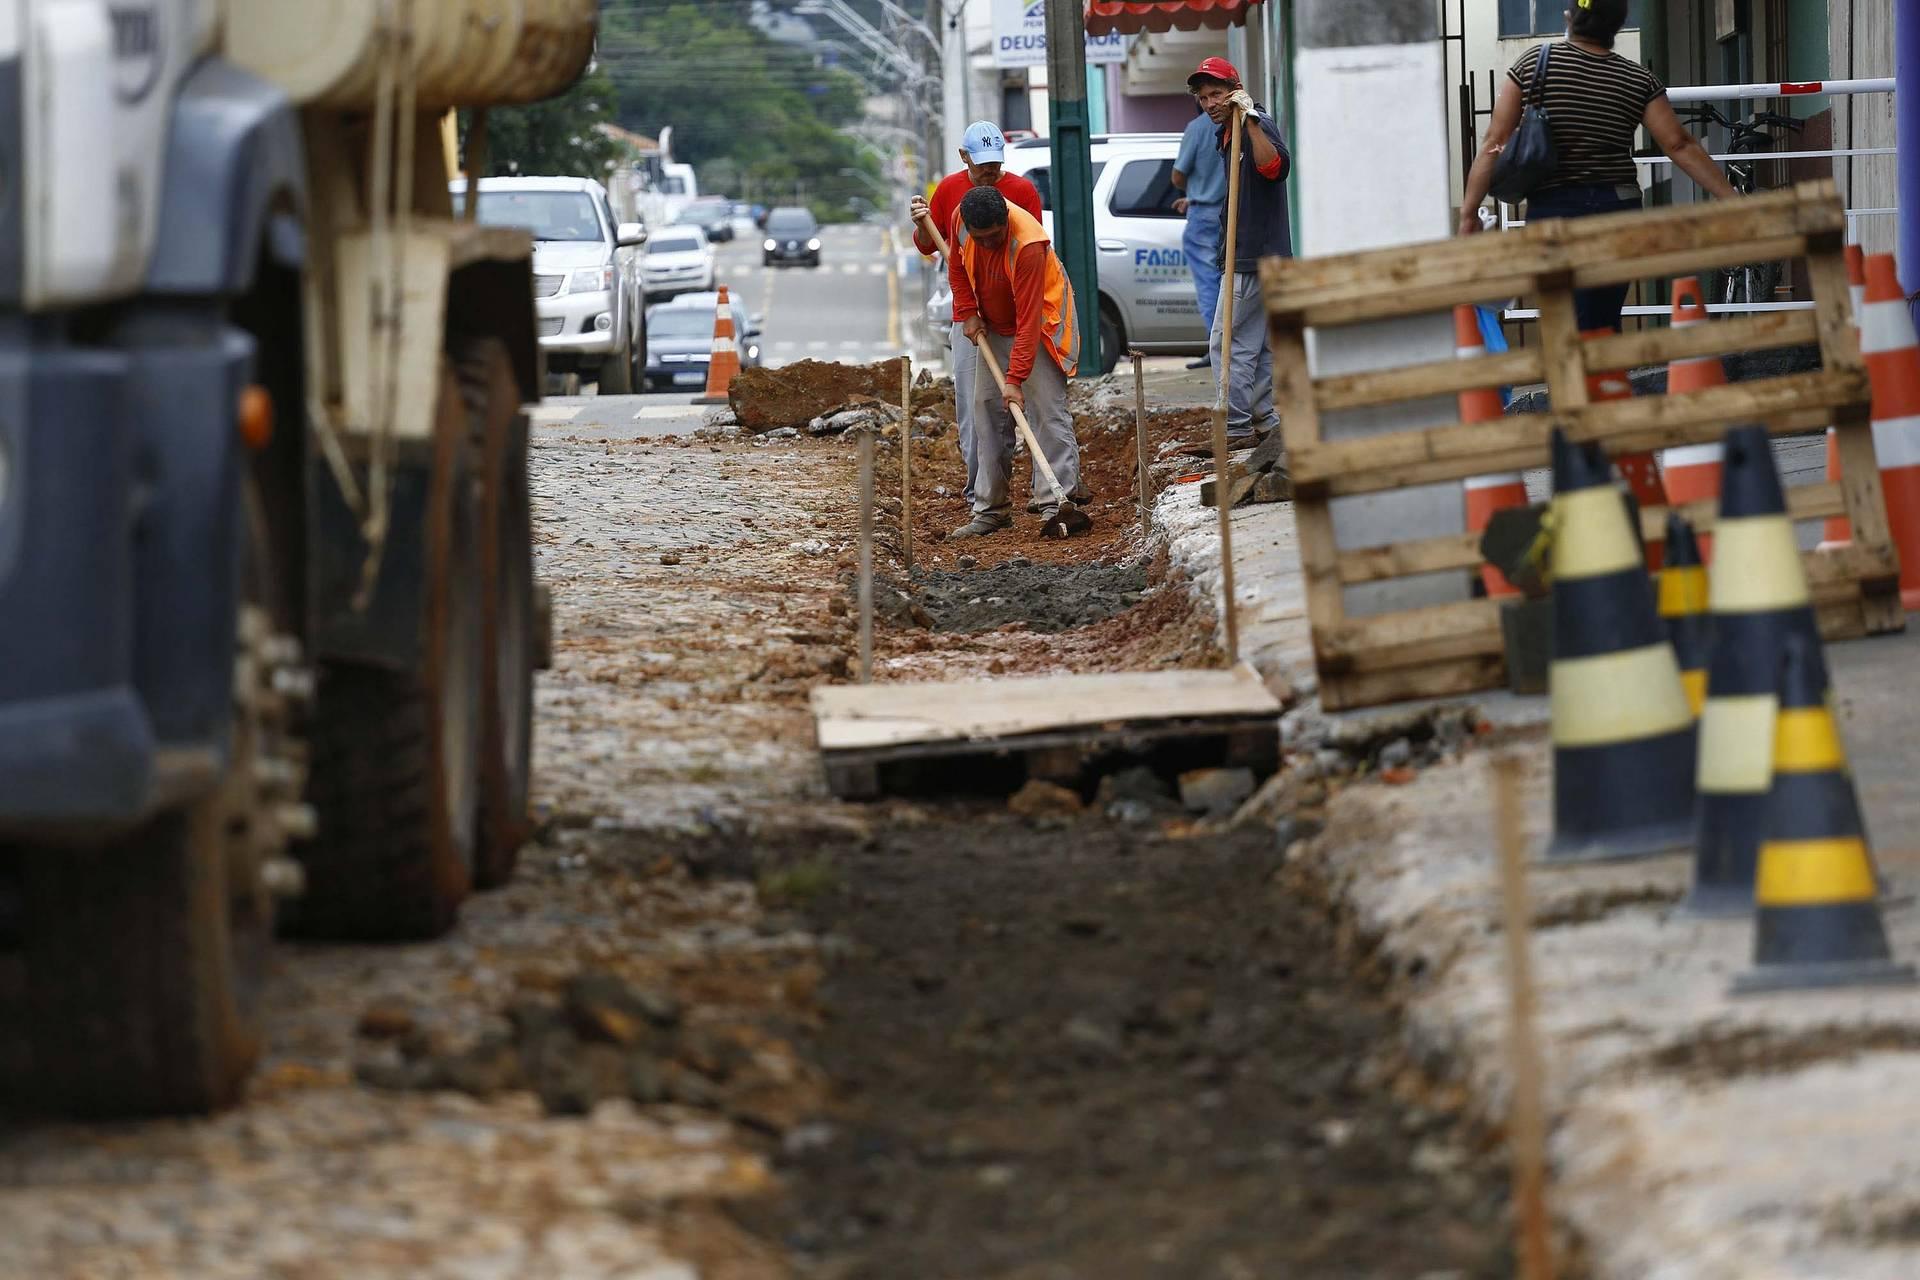 Obras do Governo do Estado nos municípios ultrapassam R$ 900 milhões